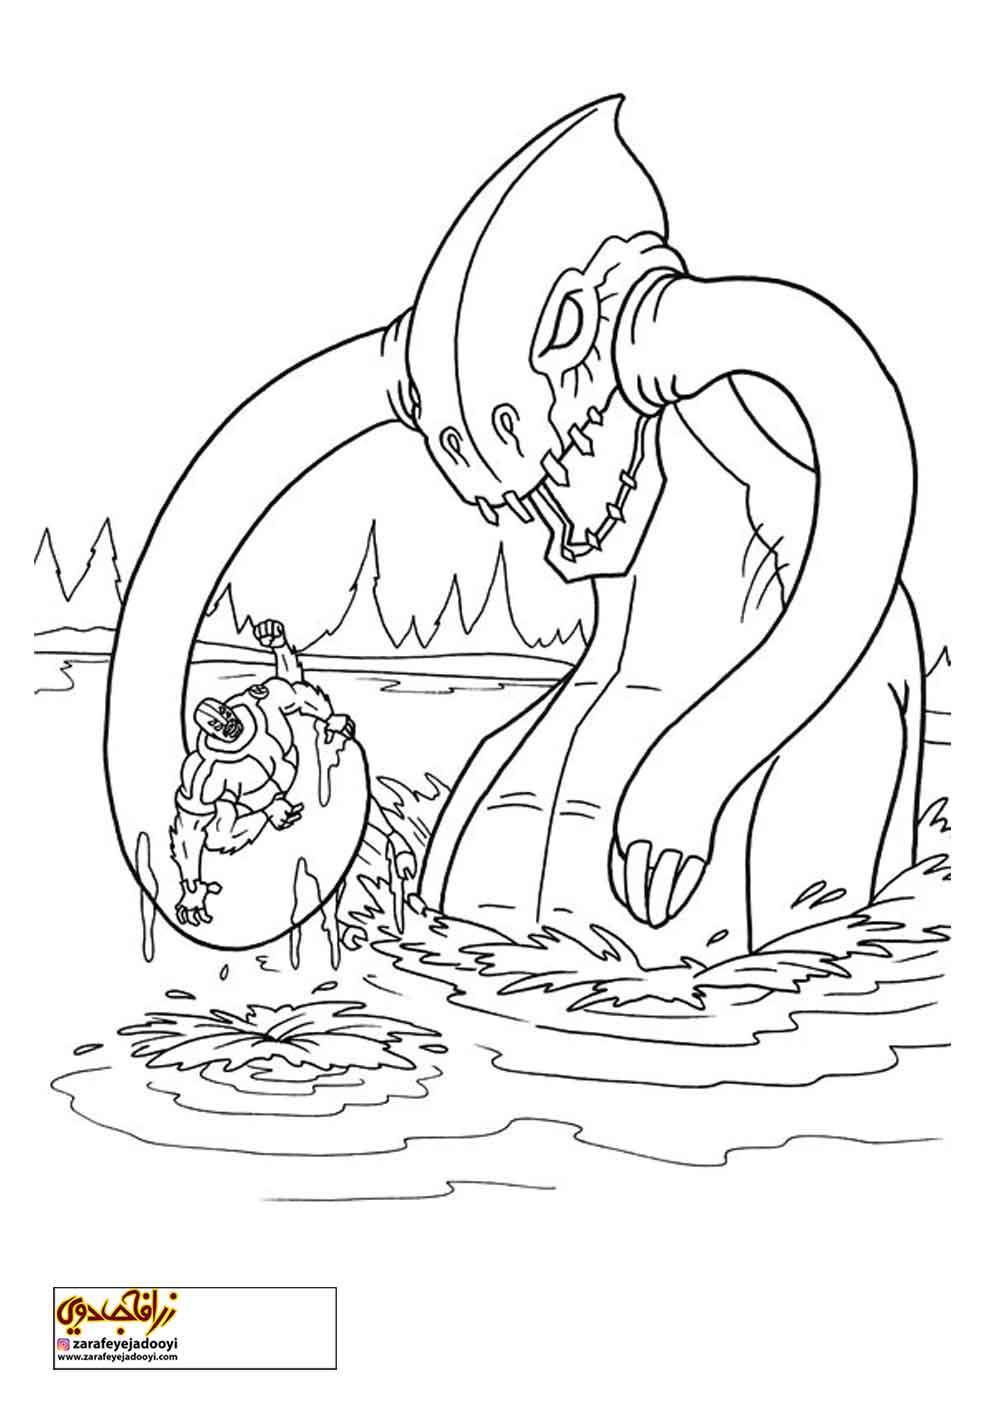 زرافه-جادویی-نقاشی-کارتون-بن-تن-24